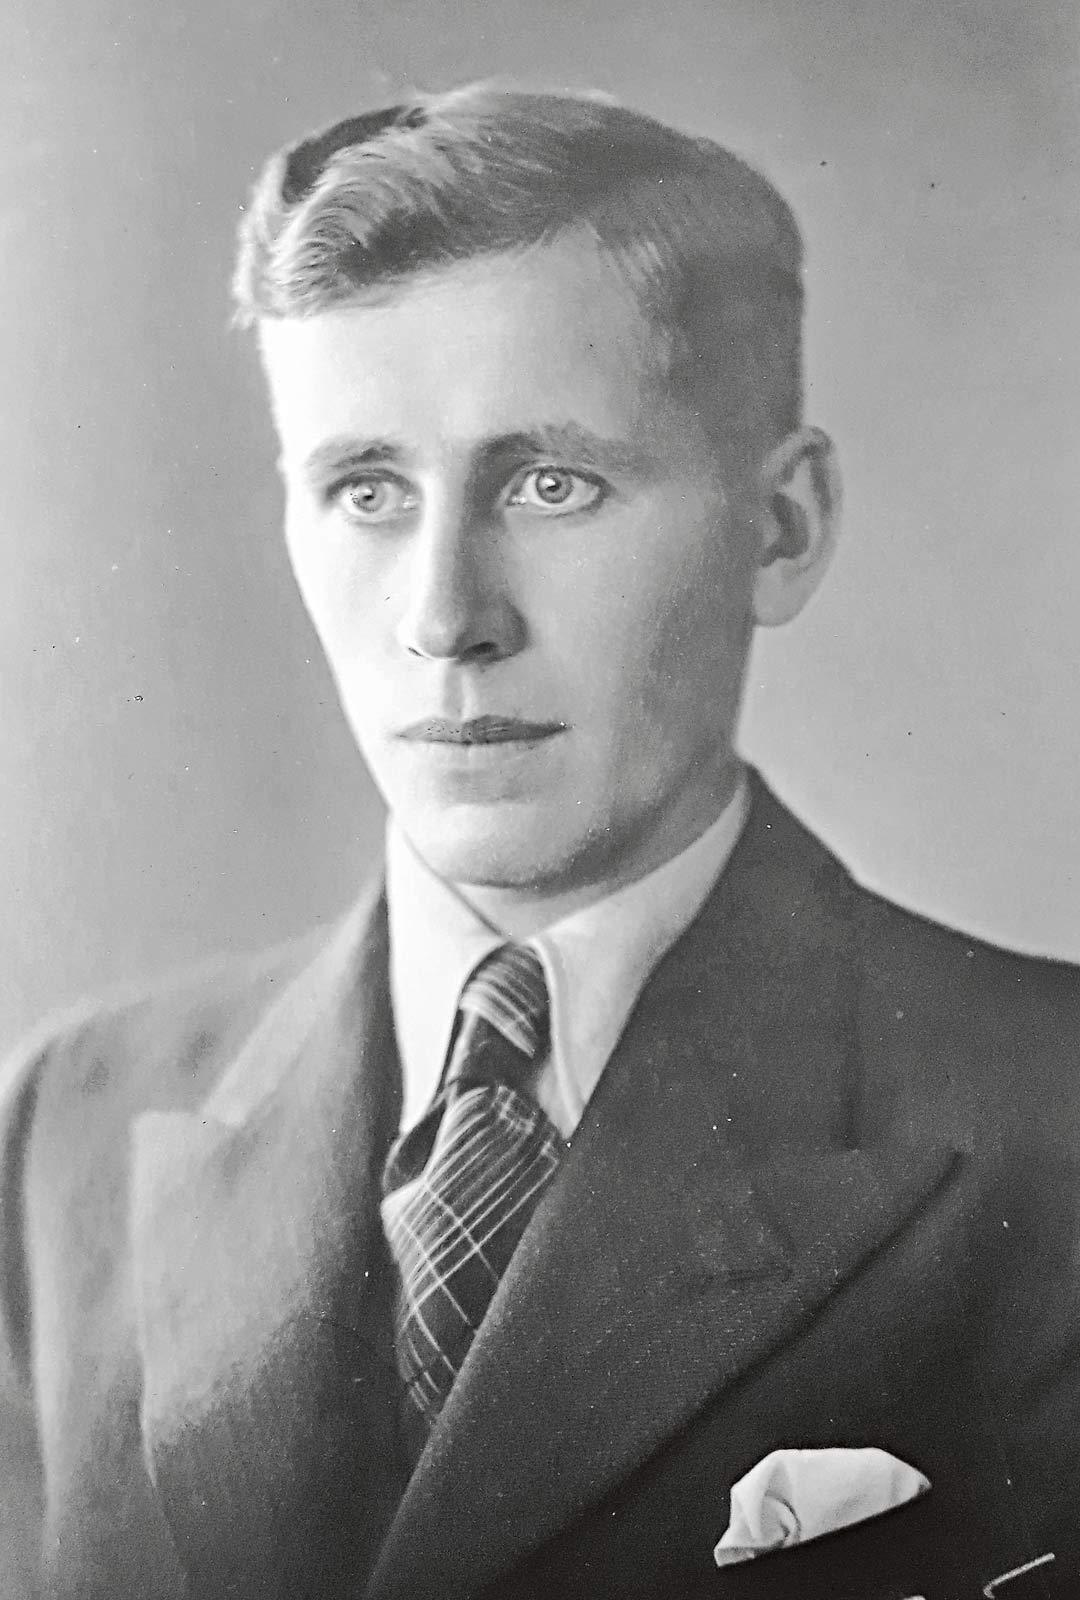 Punikkitaustainen Timo kävi sotaväen Suomen Valkoisessa kaartissa 1933–34 ja erikoistui taistelulähetiksi. Hän kaatui kaksi päivää ennen talvisodan päättymistä.